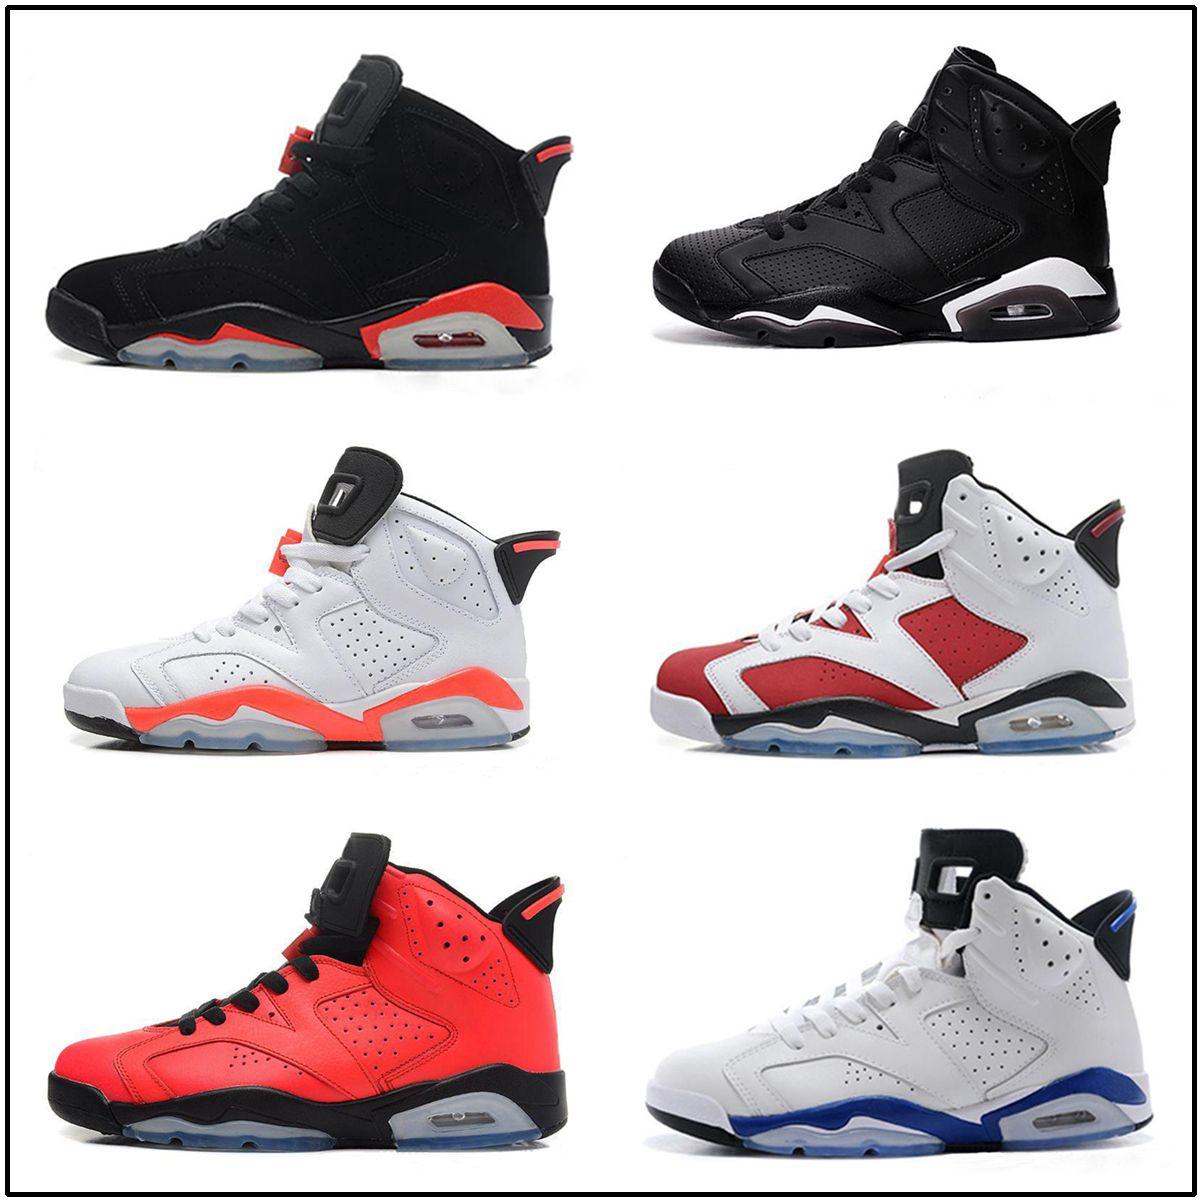 759e4cf5 Compre Nike Air Jordan Aj6 Niños Zapatillas De Deporte De Calidad Caliente  Zapatos De Baloncesto 6 6 S Niños Niñas Niños Deporte Exterior Zapatillas  De ...